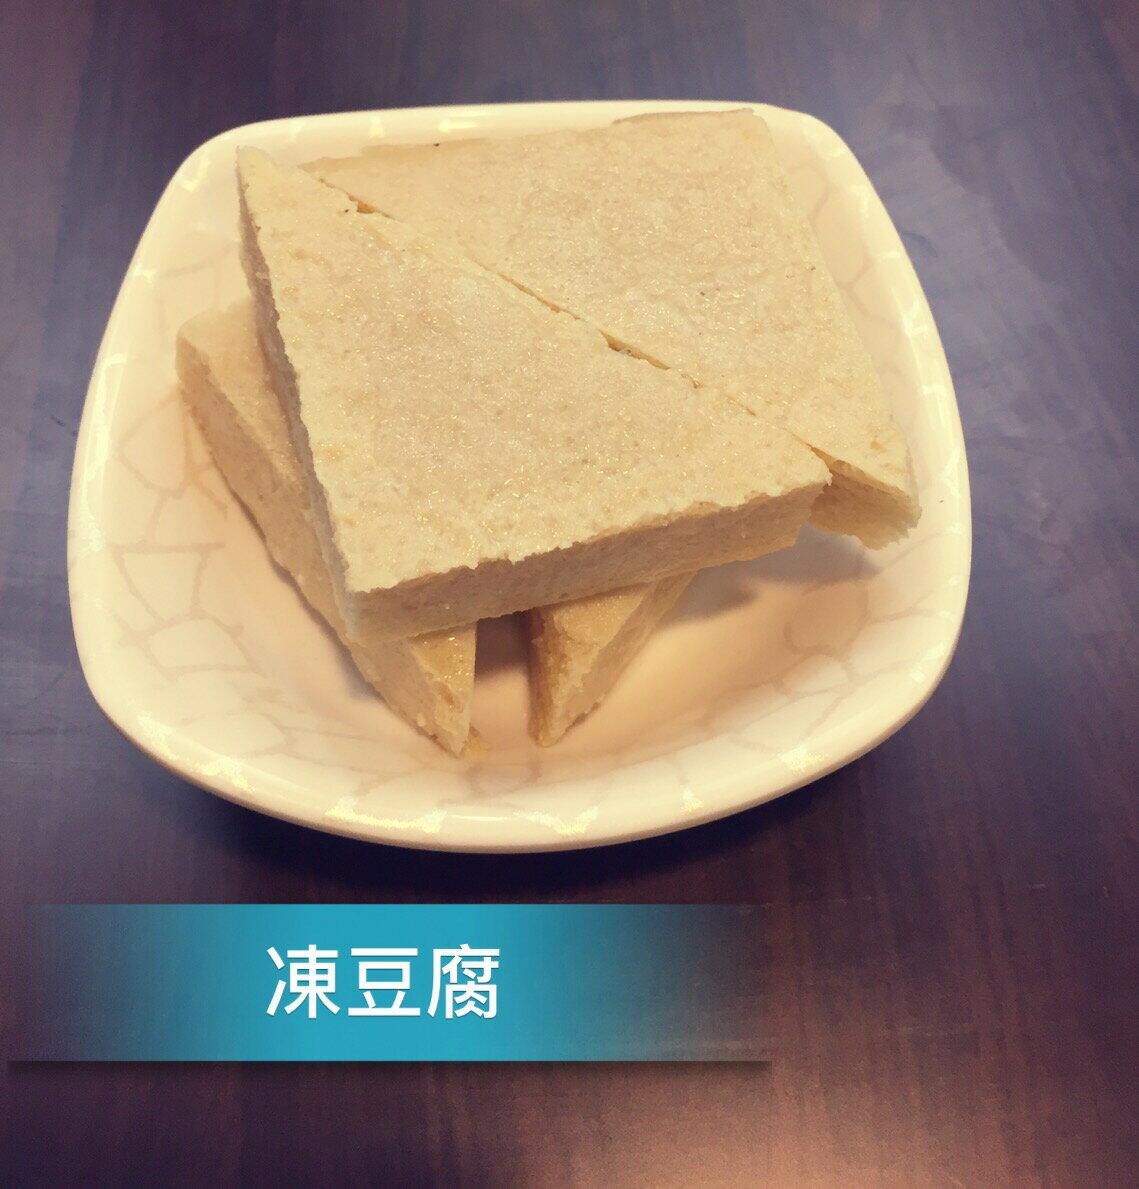 冷凍豆腐 (4塊)